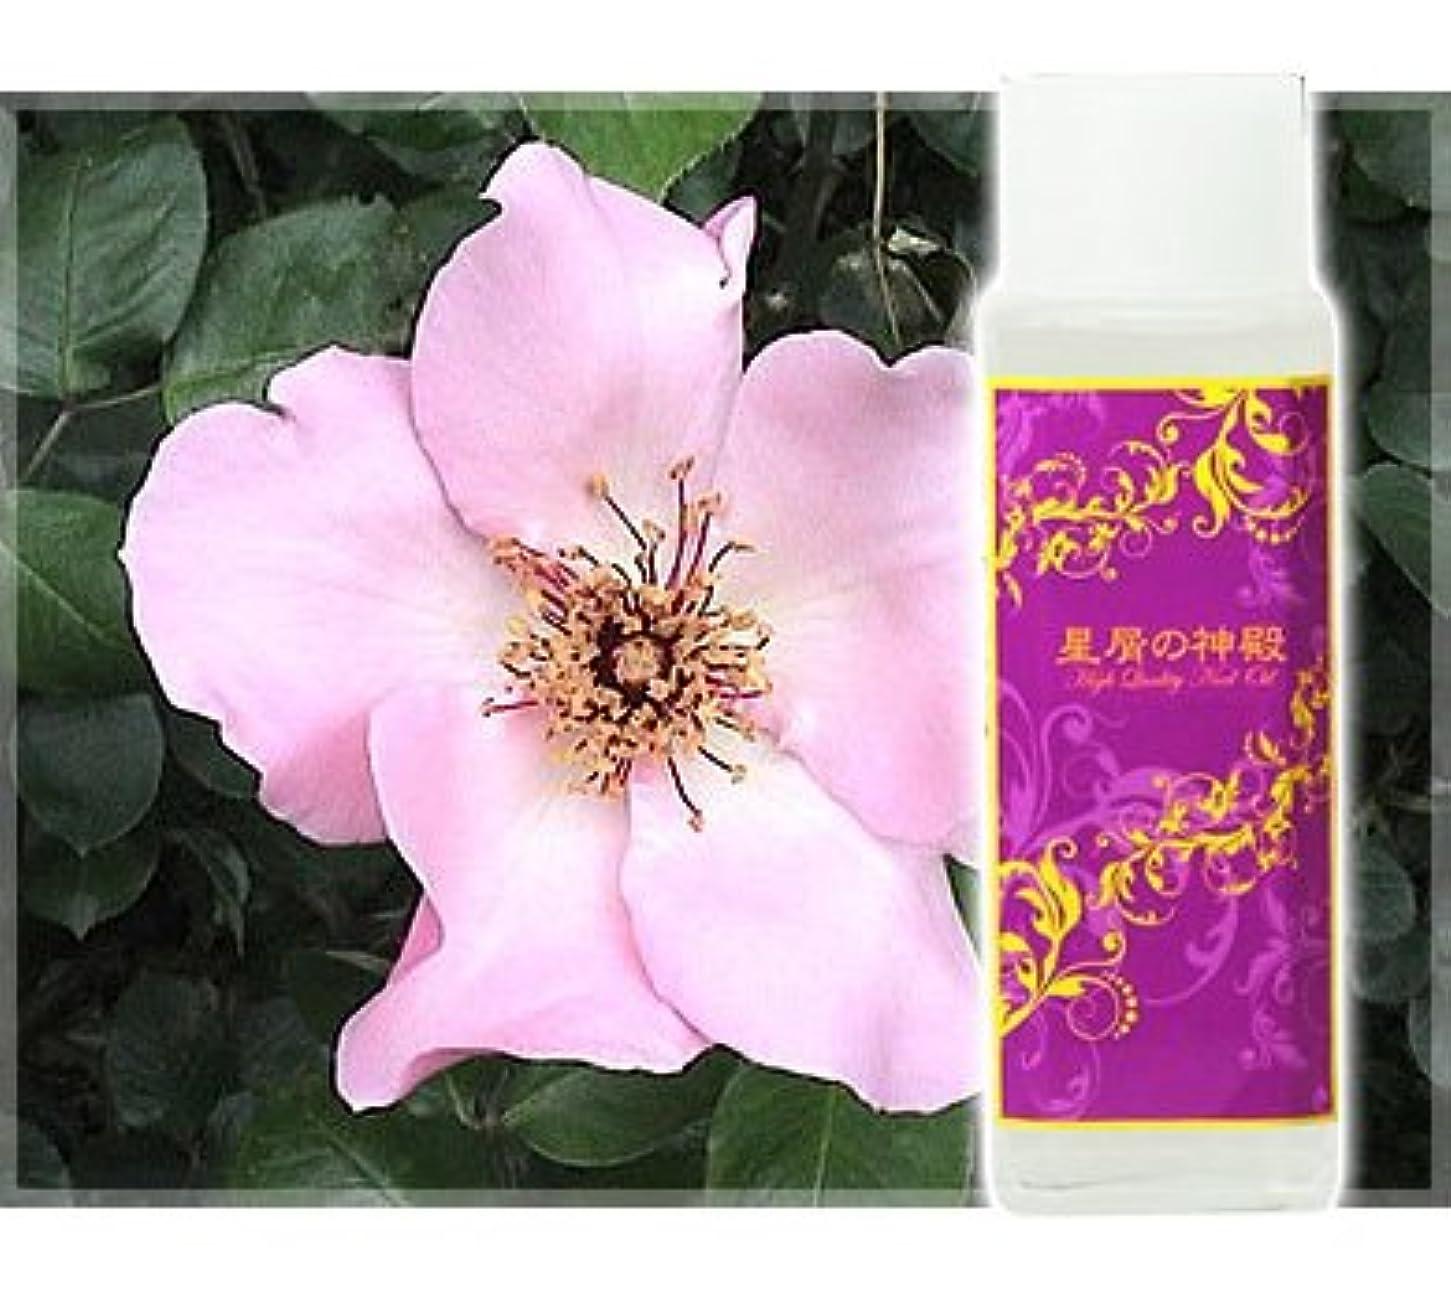 ハイクオリティーノエルオイル 星屑の神殿(スパイシー) 【aroma oil/アロマ オイル/リラクゼーション】